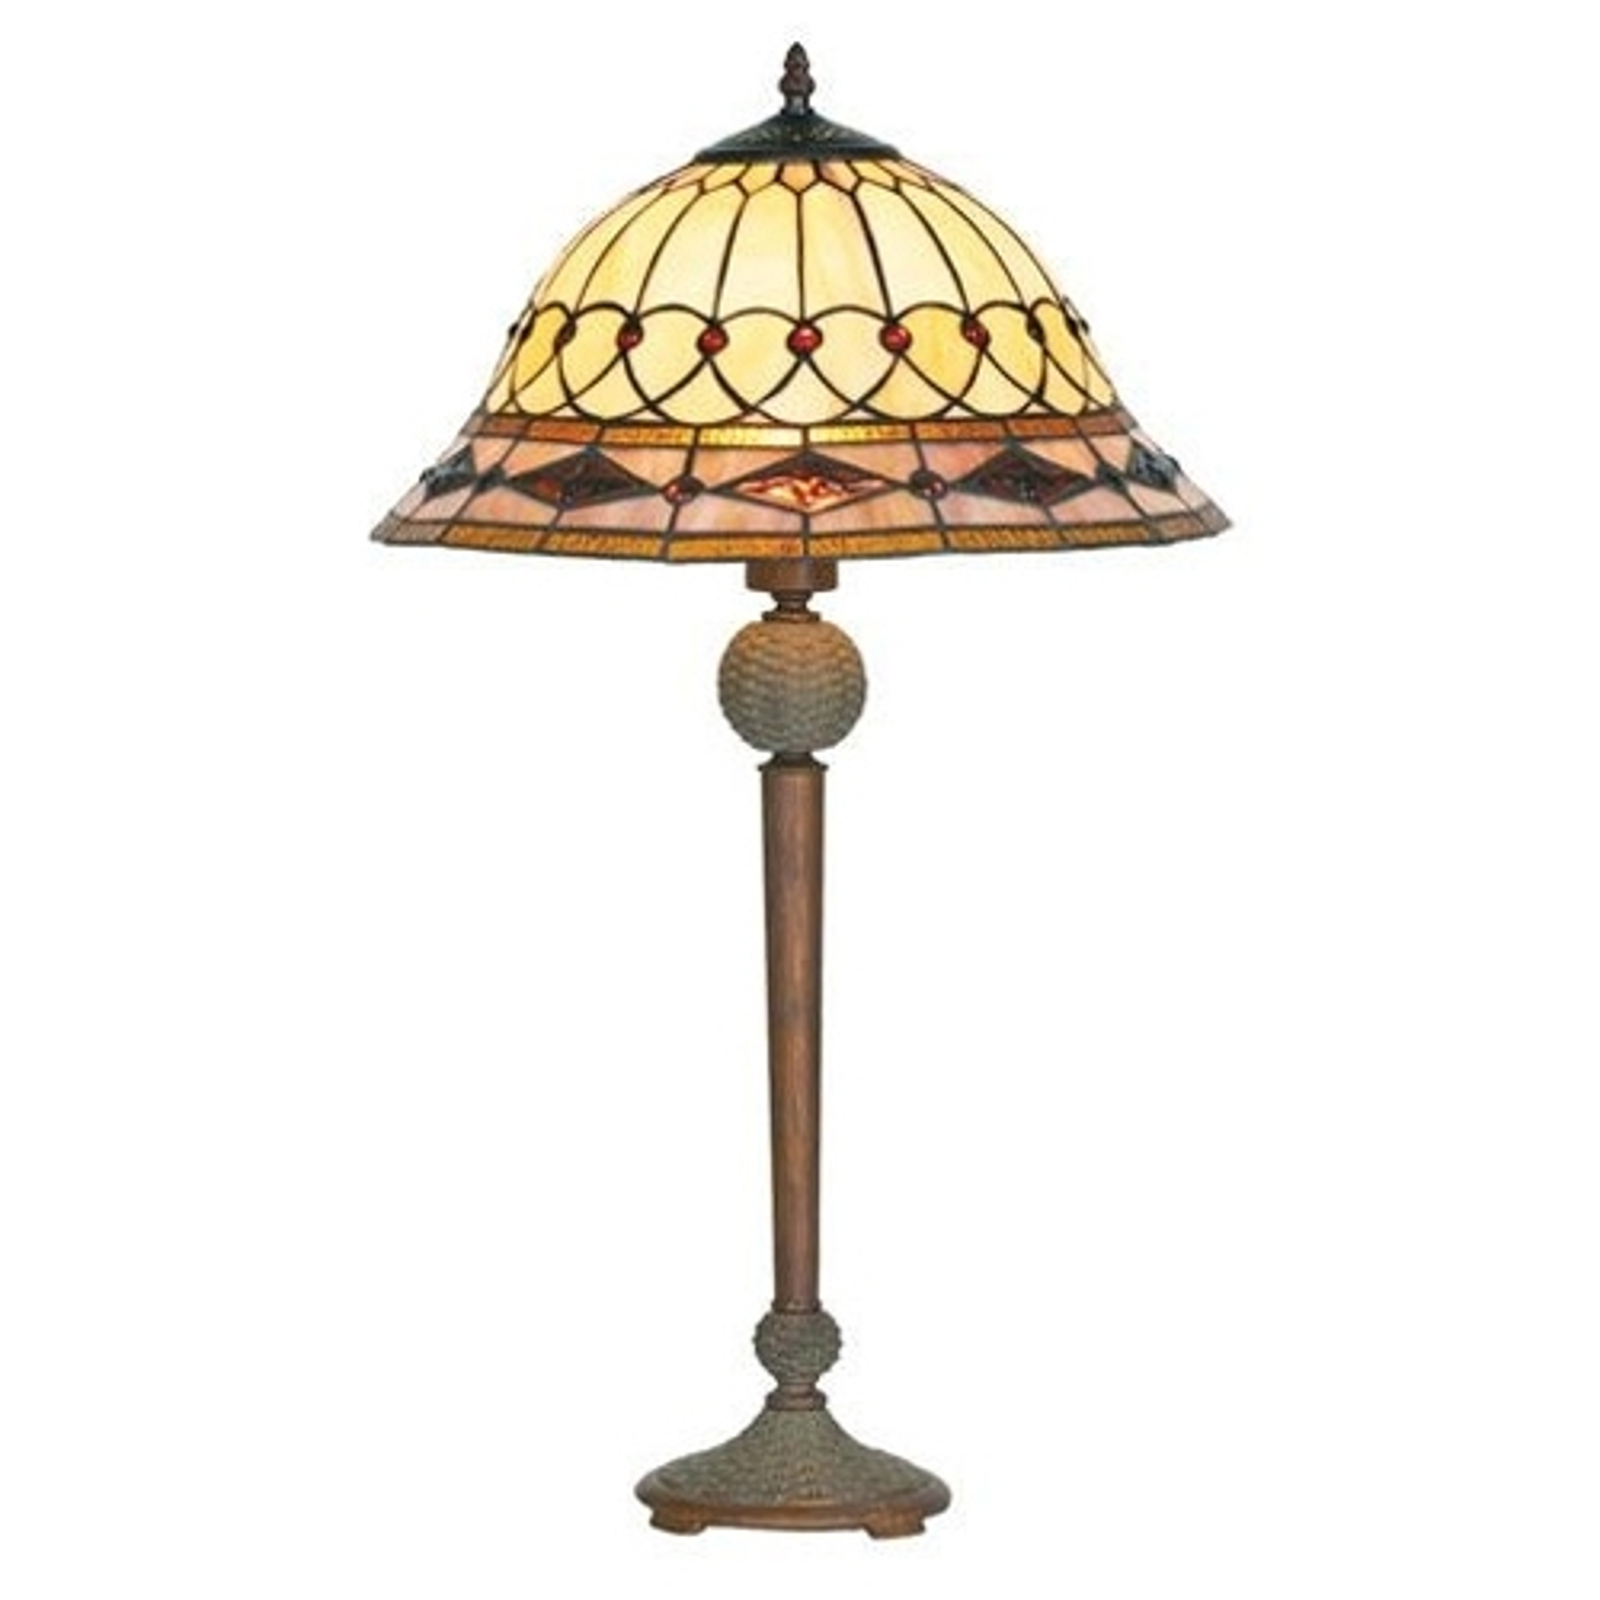 Lampa stołowa Kassandra w stylu Tiffany